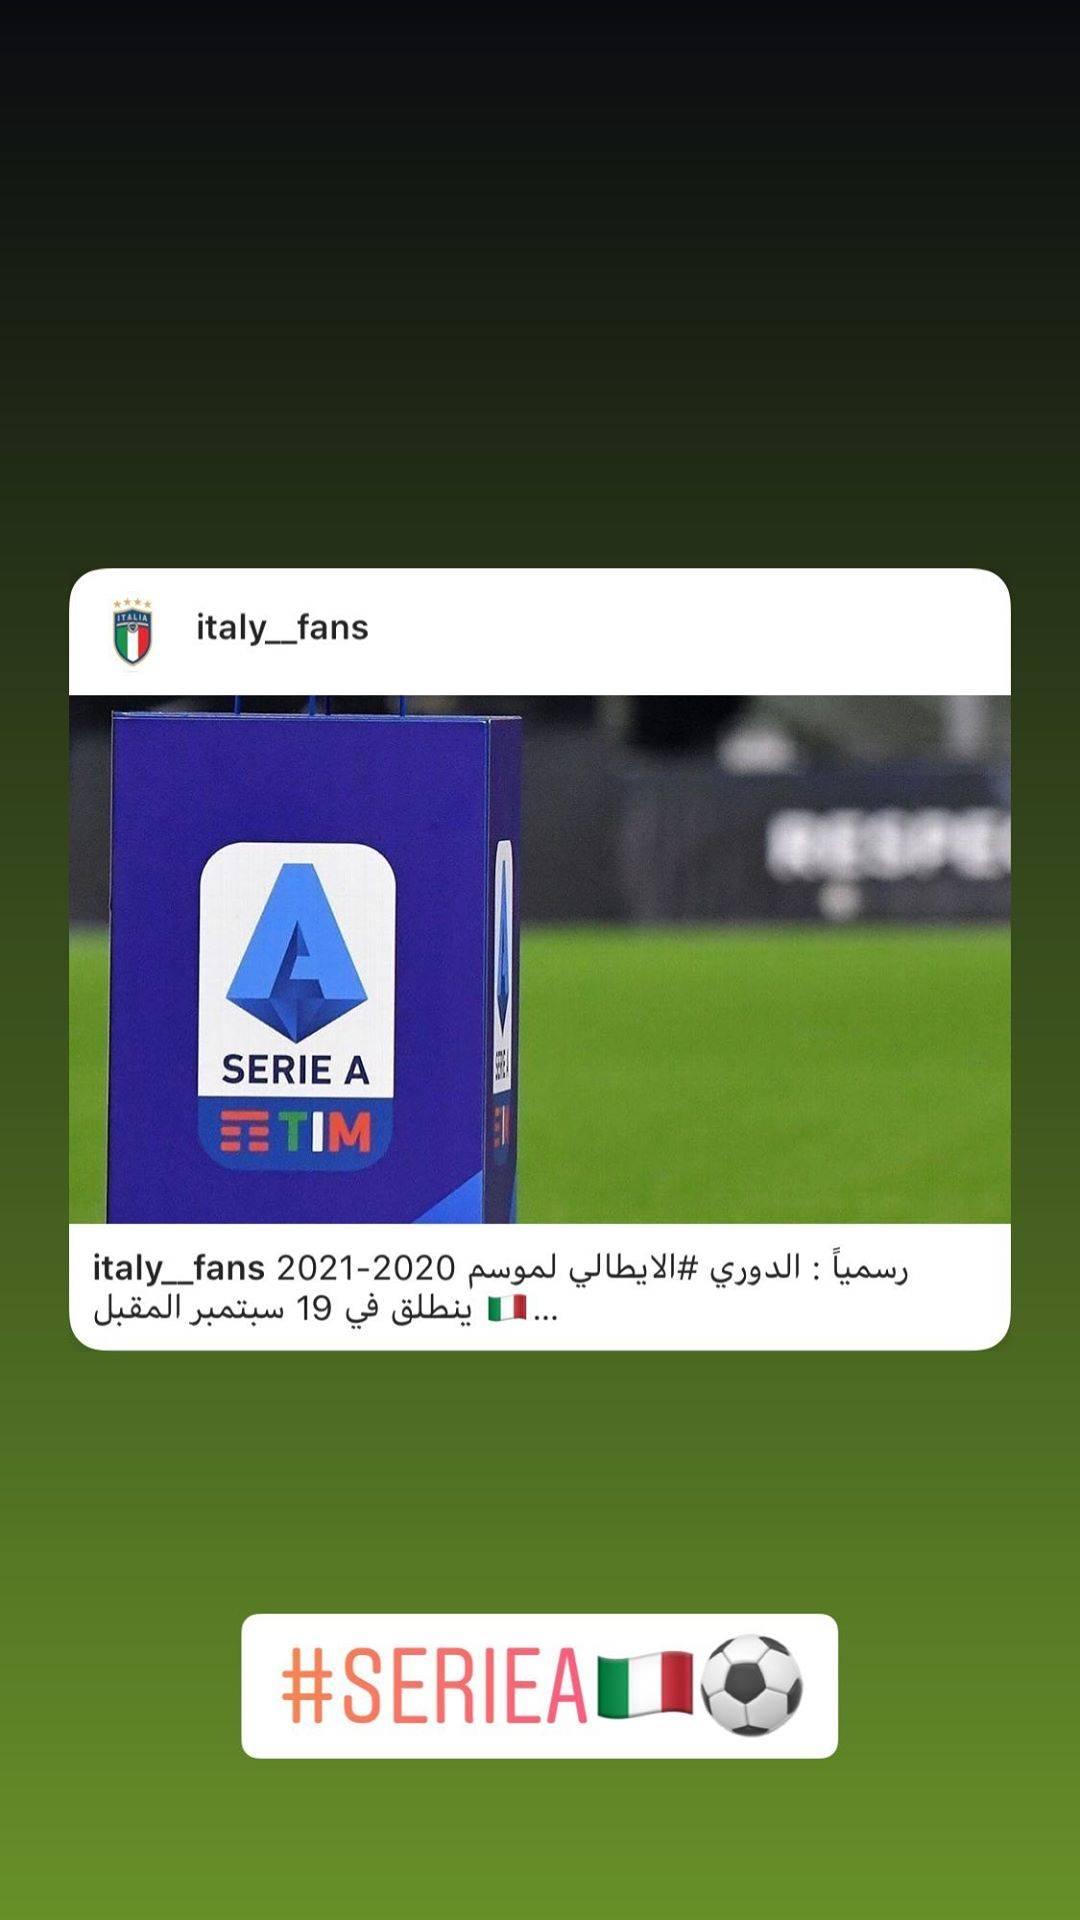 عياض جمعه ' snap